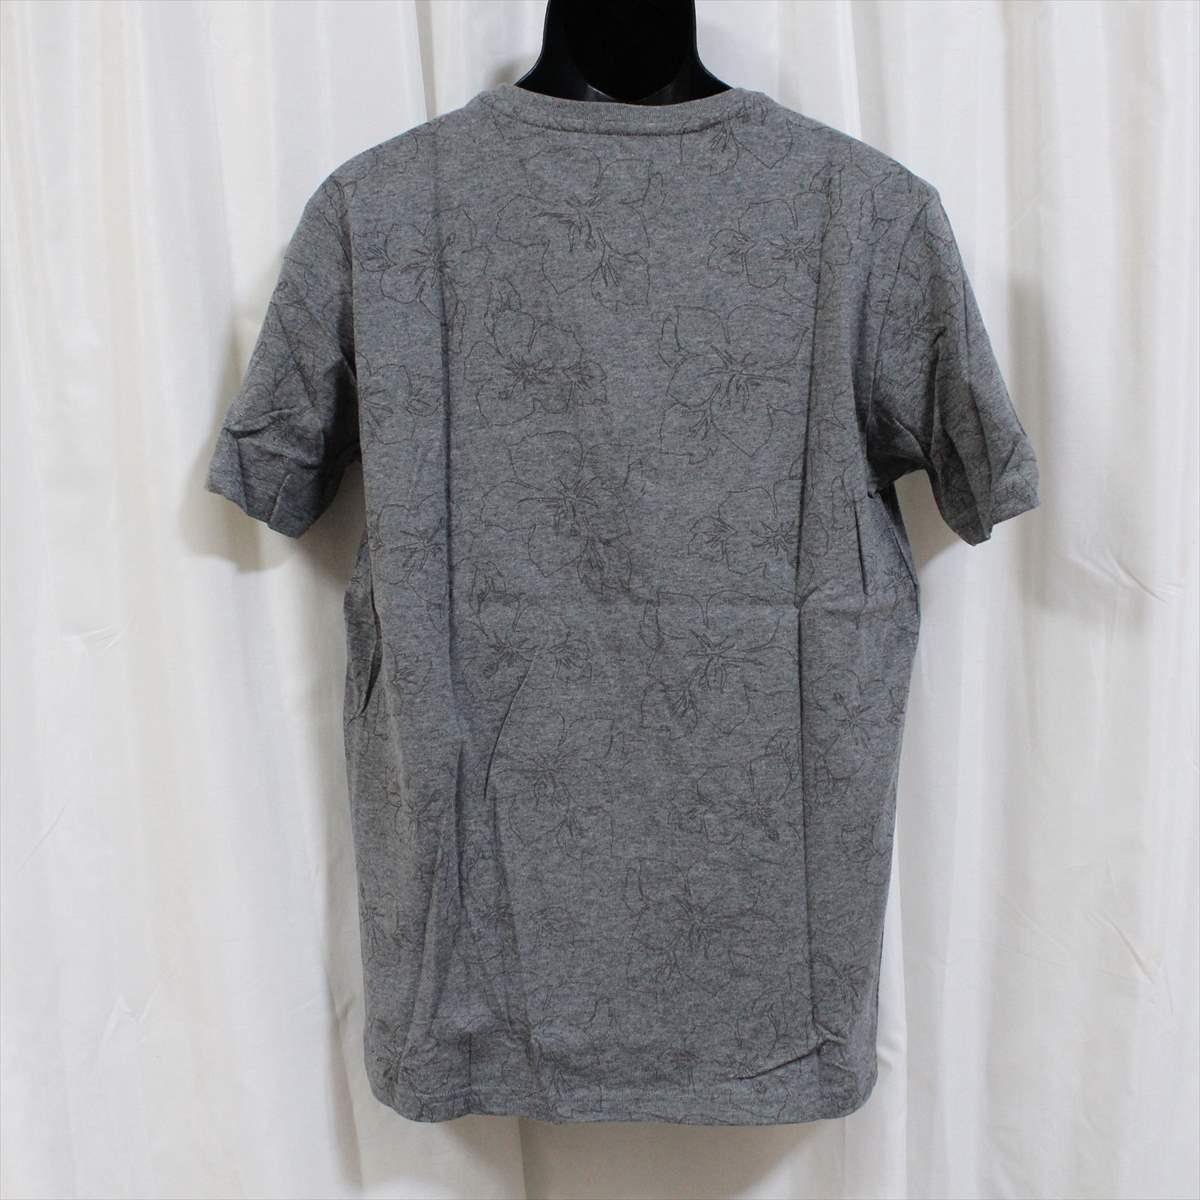 ピコ PIKO メンズ半袖Tシャツ グレー Lサイズ 新品 HAWAIIAN LONGBOARD WEAR_画像3